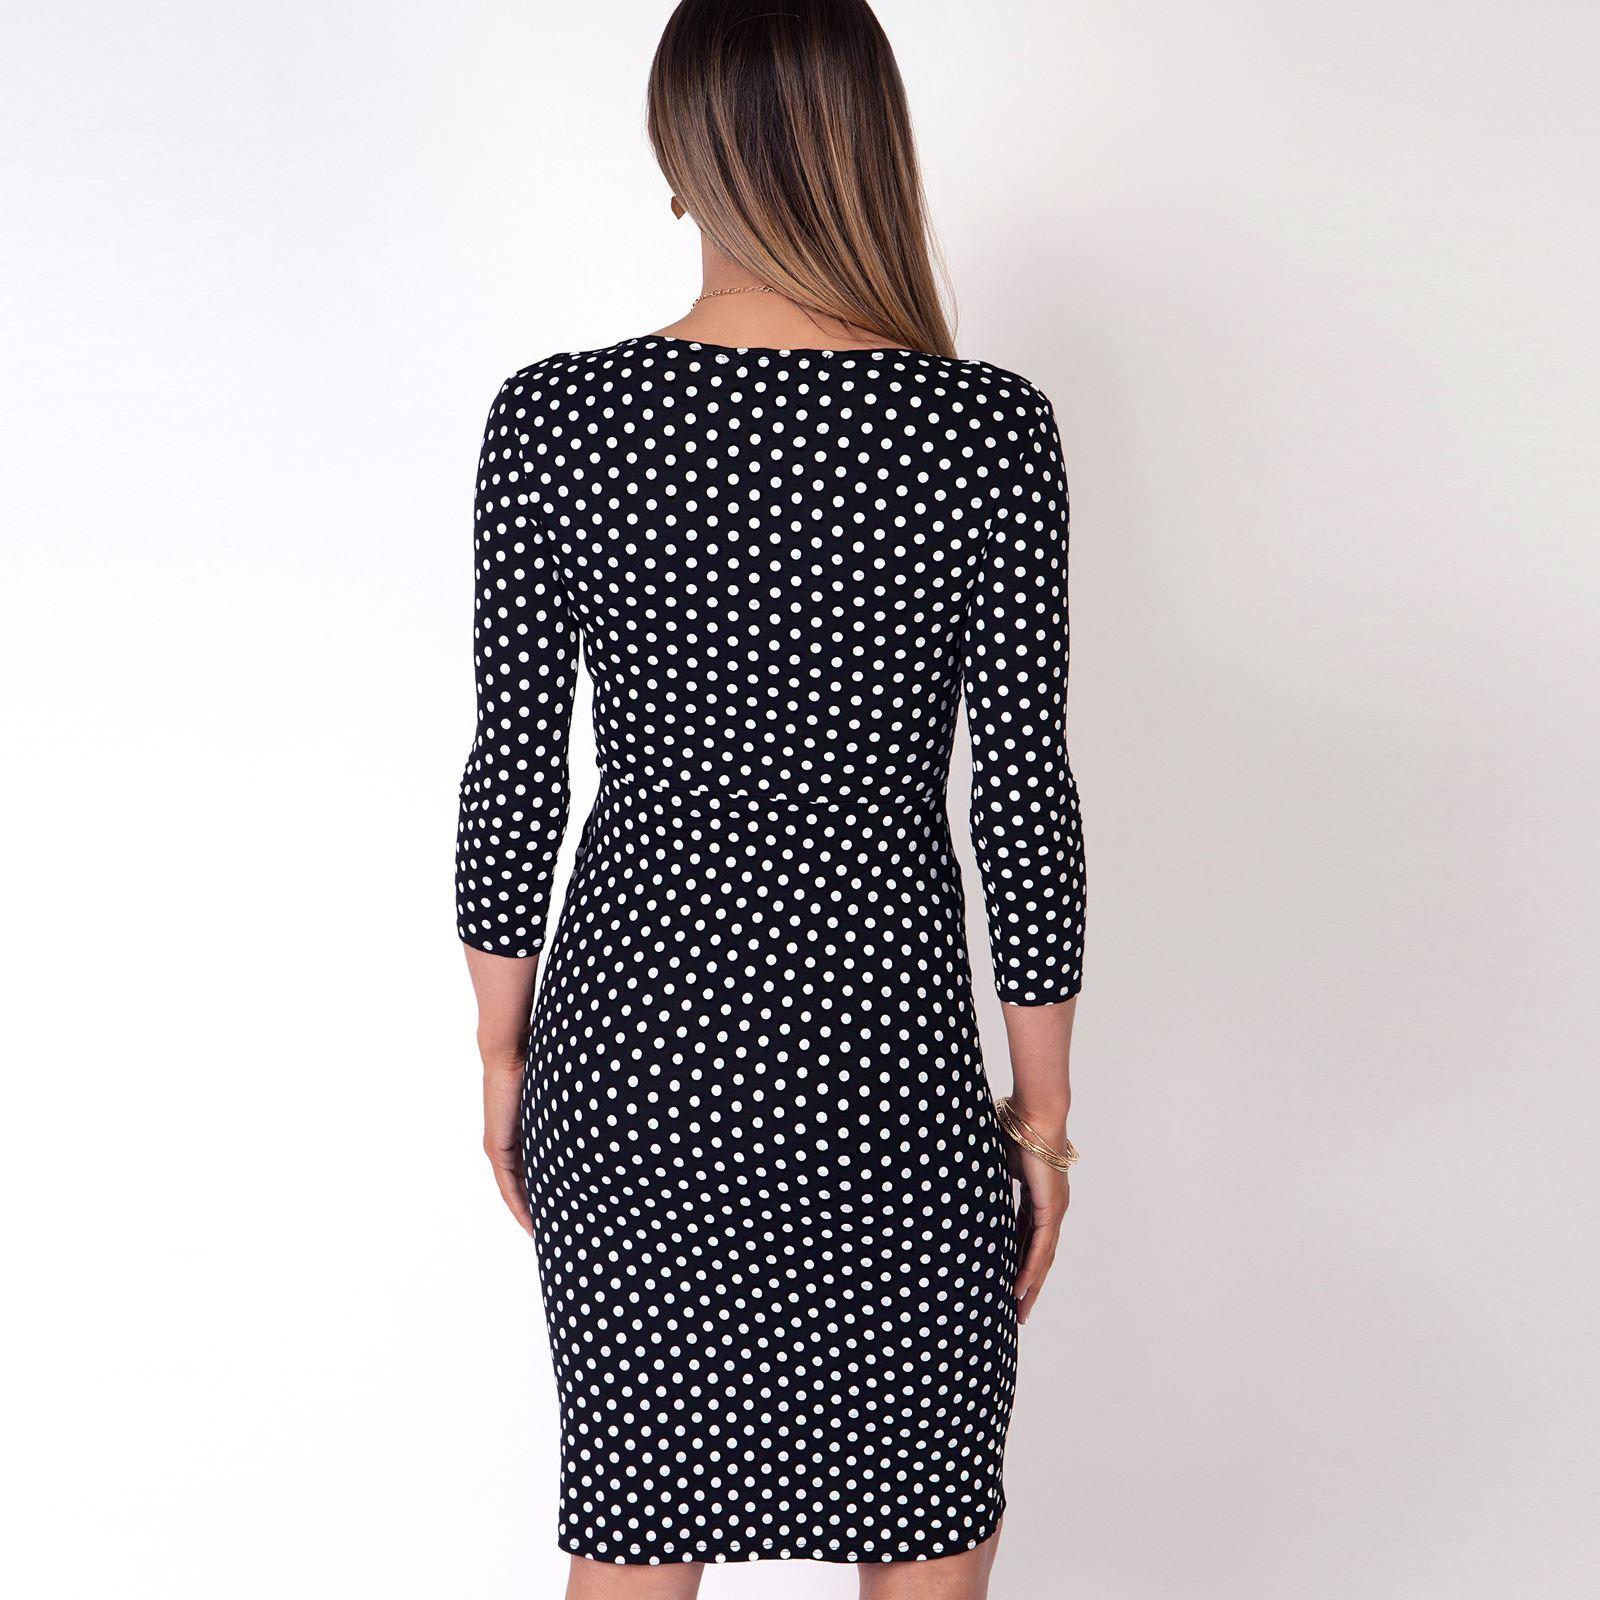 Robe Elégante Mode Chic Pois Femme Cœur Portefeuille Classique Cache 3cq54RAjL